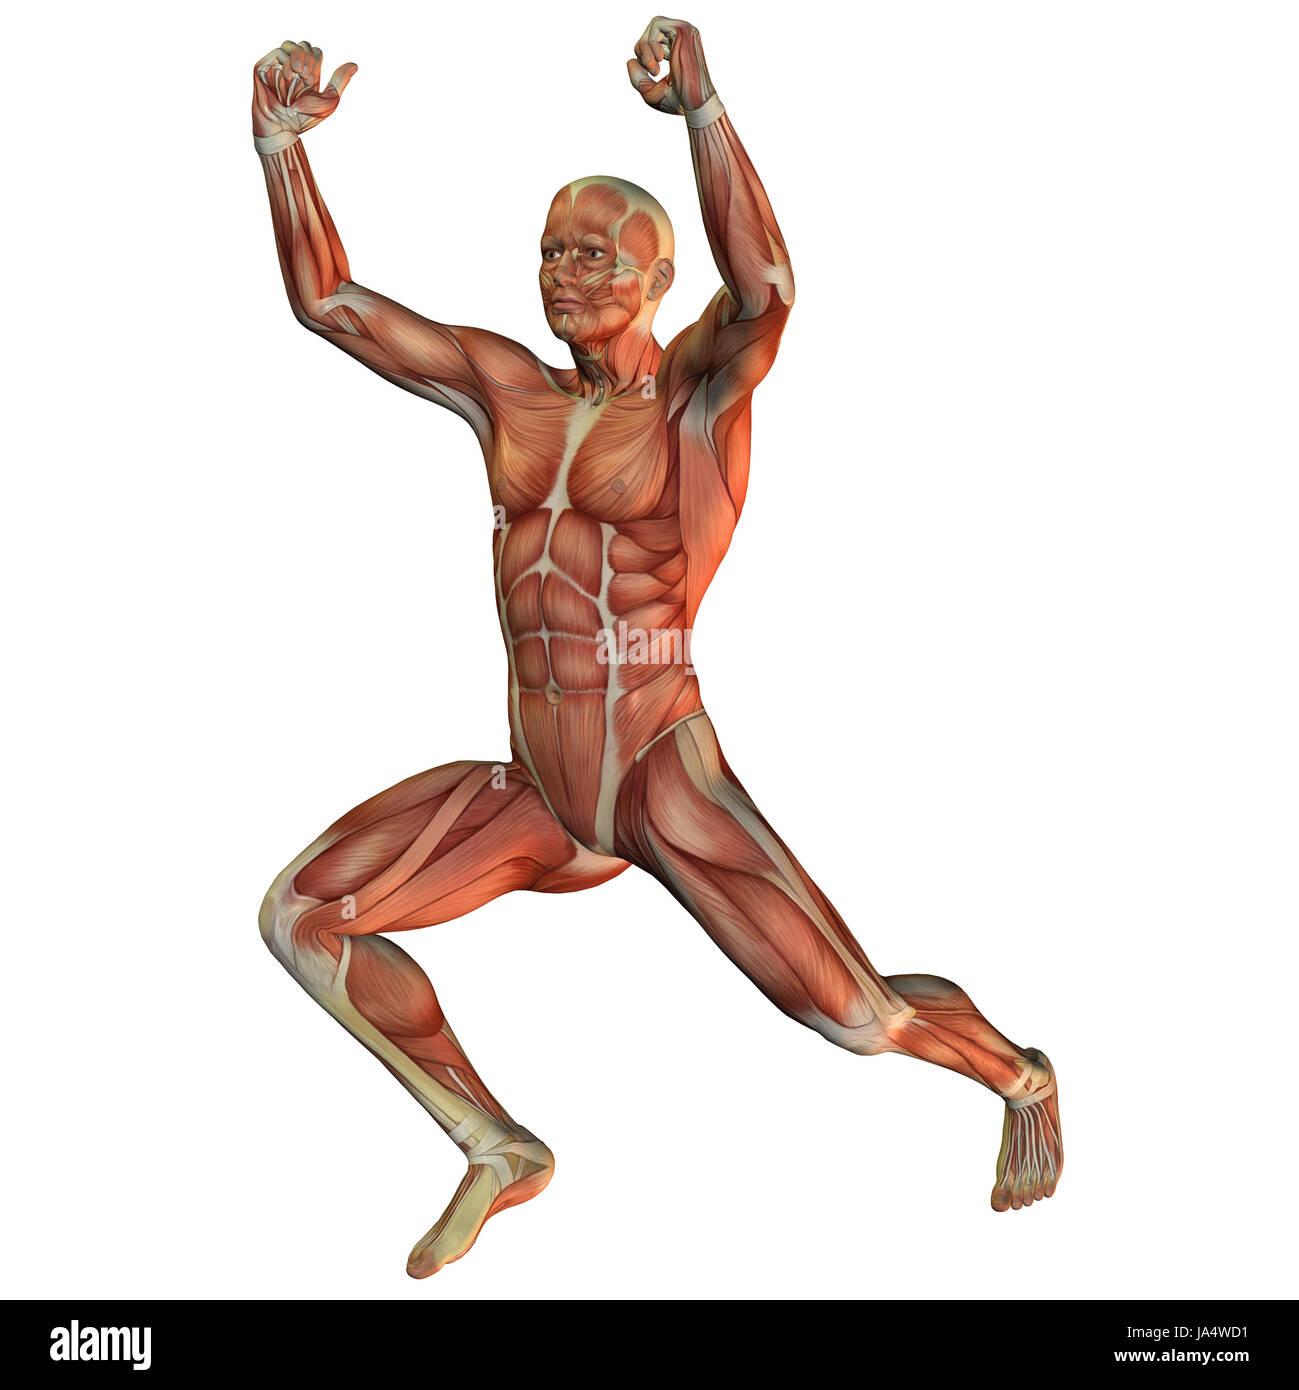 Nett Bild Von Organsystem Fotos - Menschliche Anatomie Bilder ...